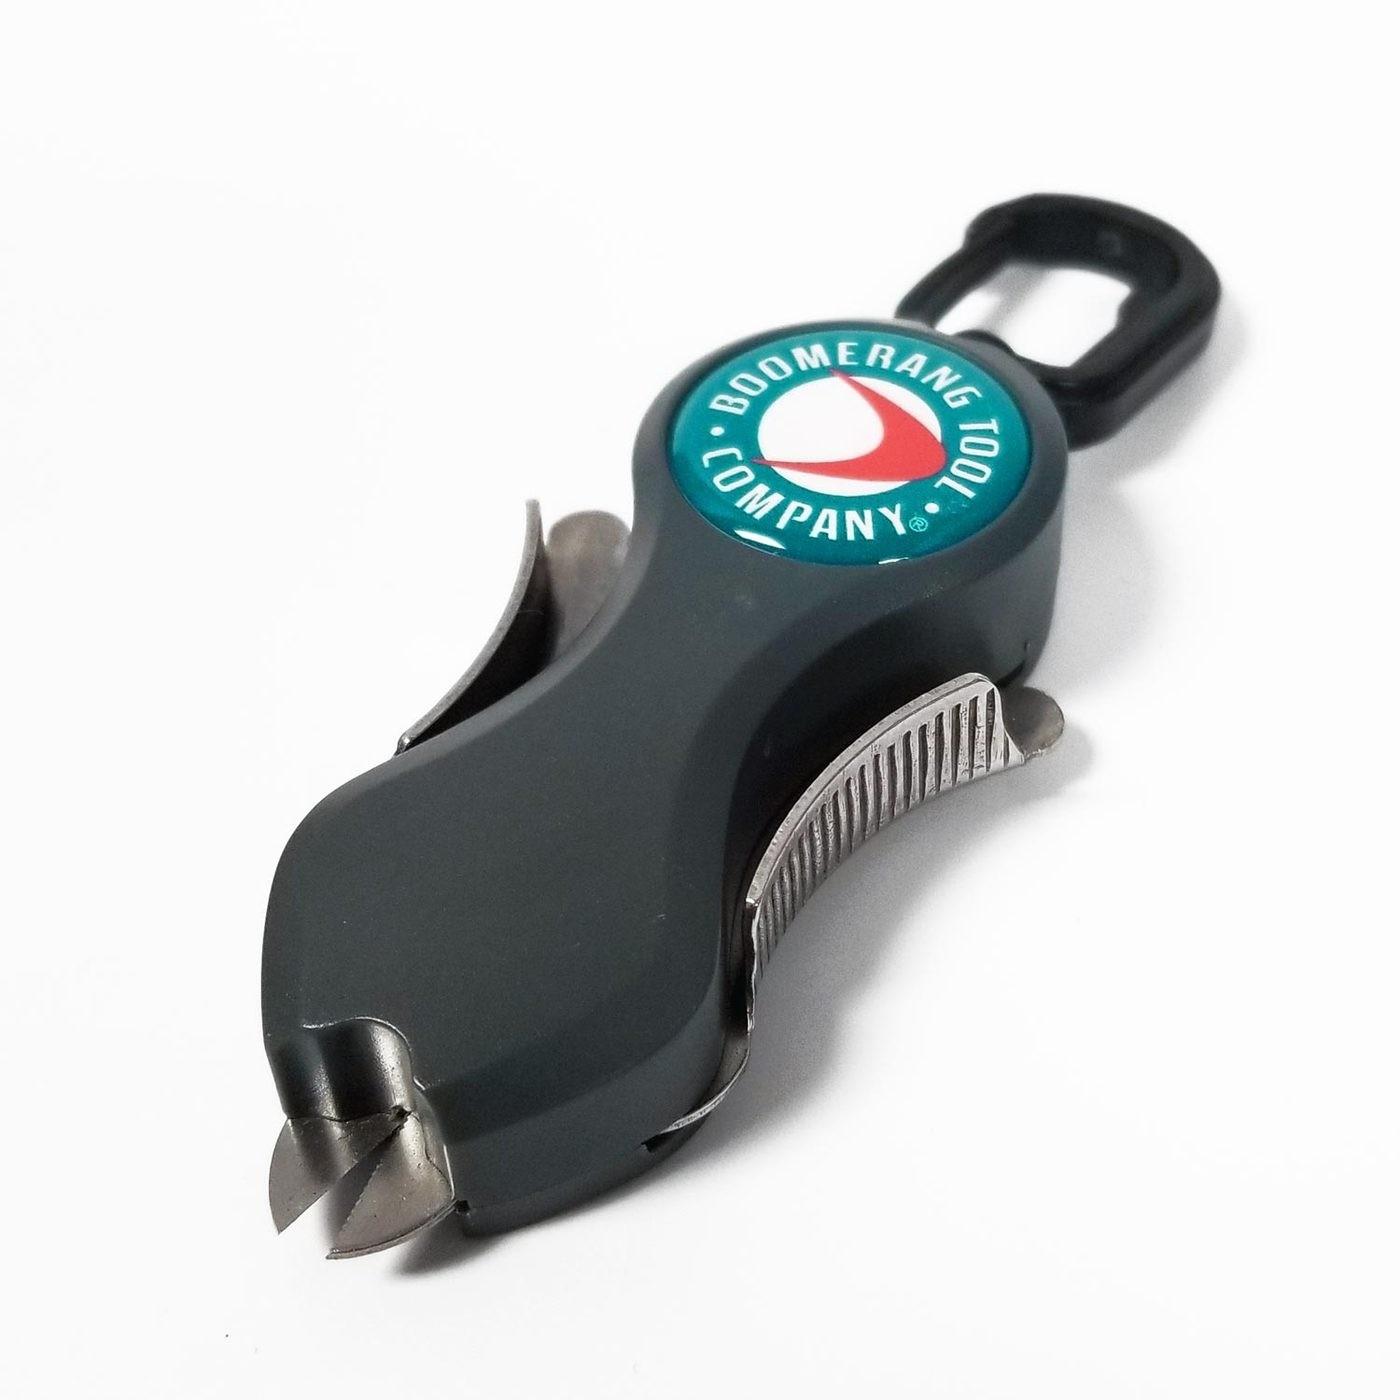 Boomerang Original Snip